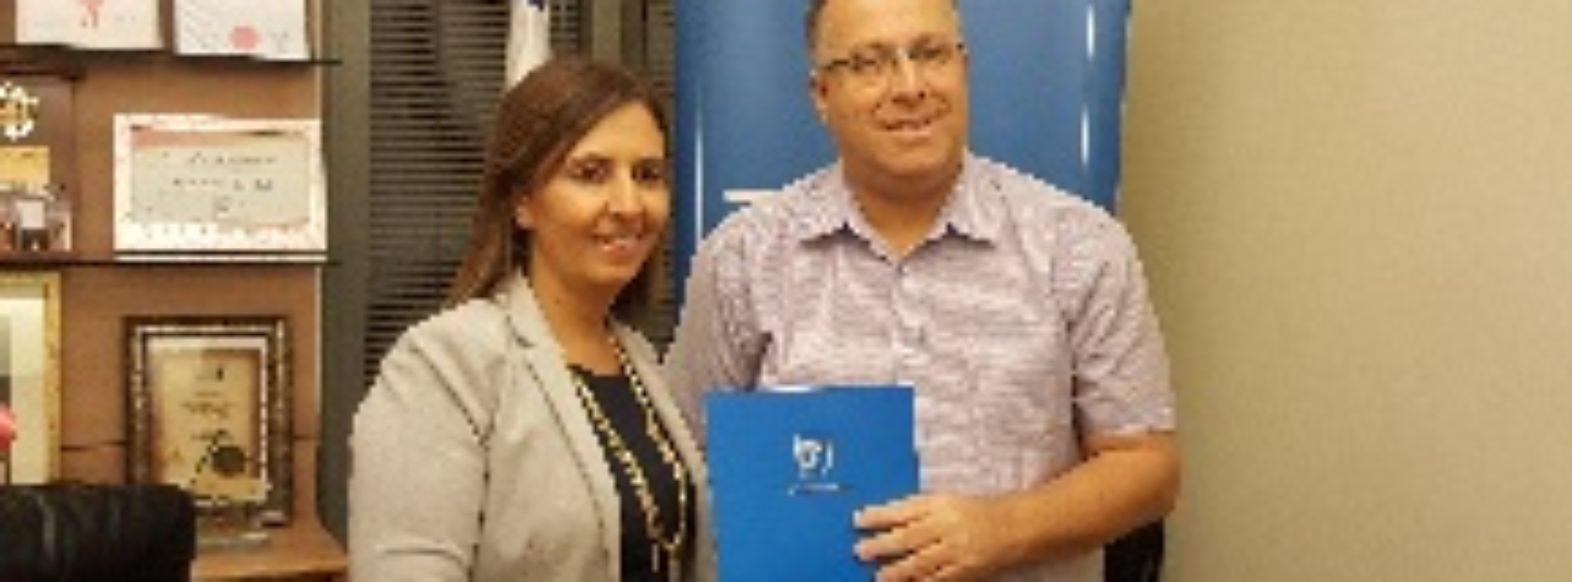 ביאליק-נחתם שיתוף פעולה עם המשרד לשיוויון חברתי